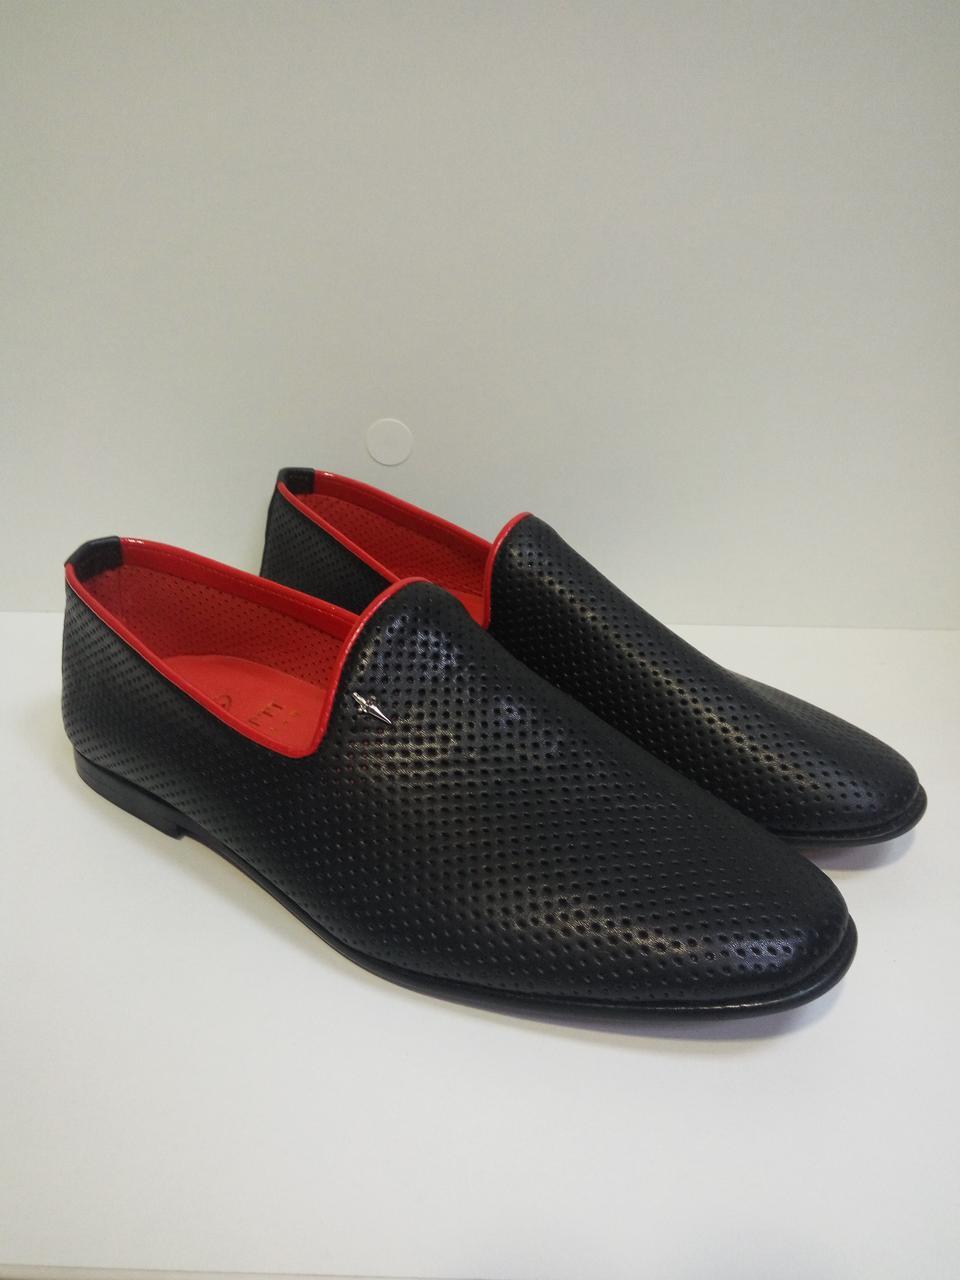 db0f4799e Мужские туфли кожаные Paciotti: 2 500 грн. - Другая мужская обувь ...